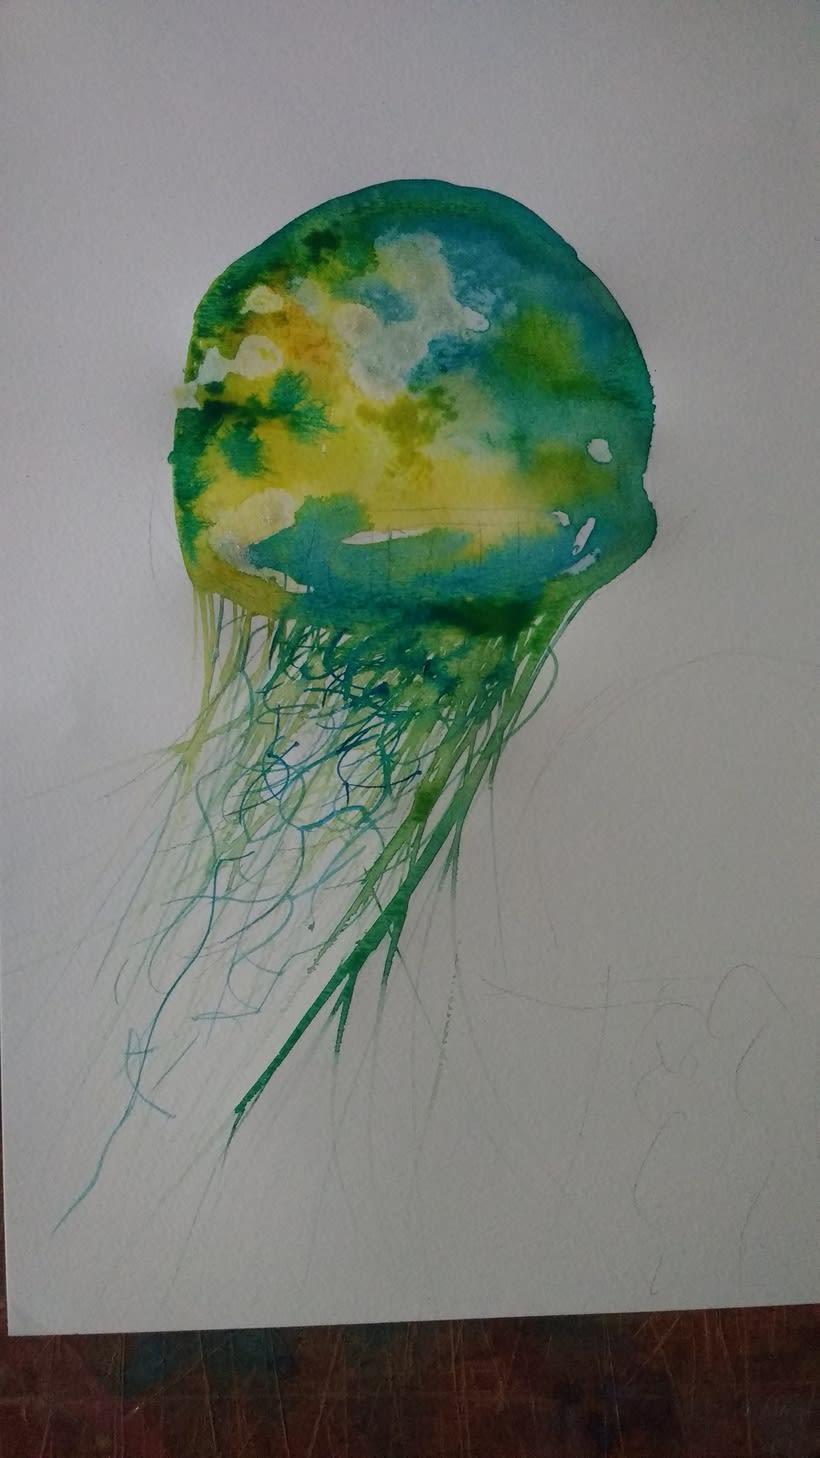 Medusas me encanto experimentar con la tecnica de acuarela, tinta china y otros materiales !! -1